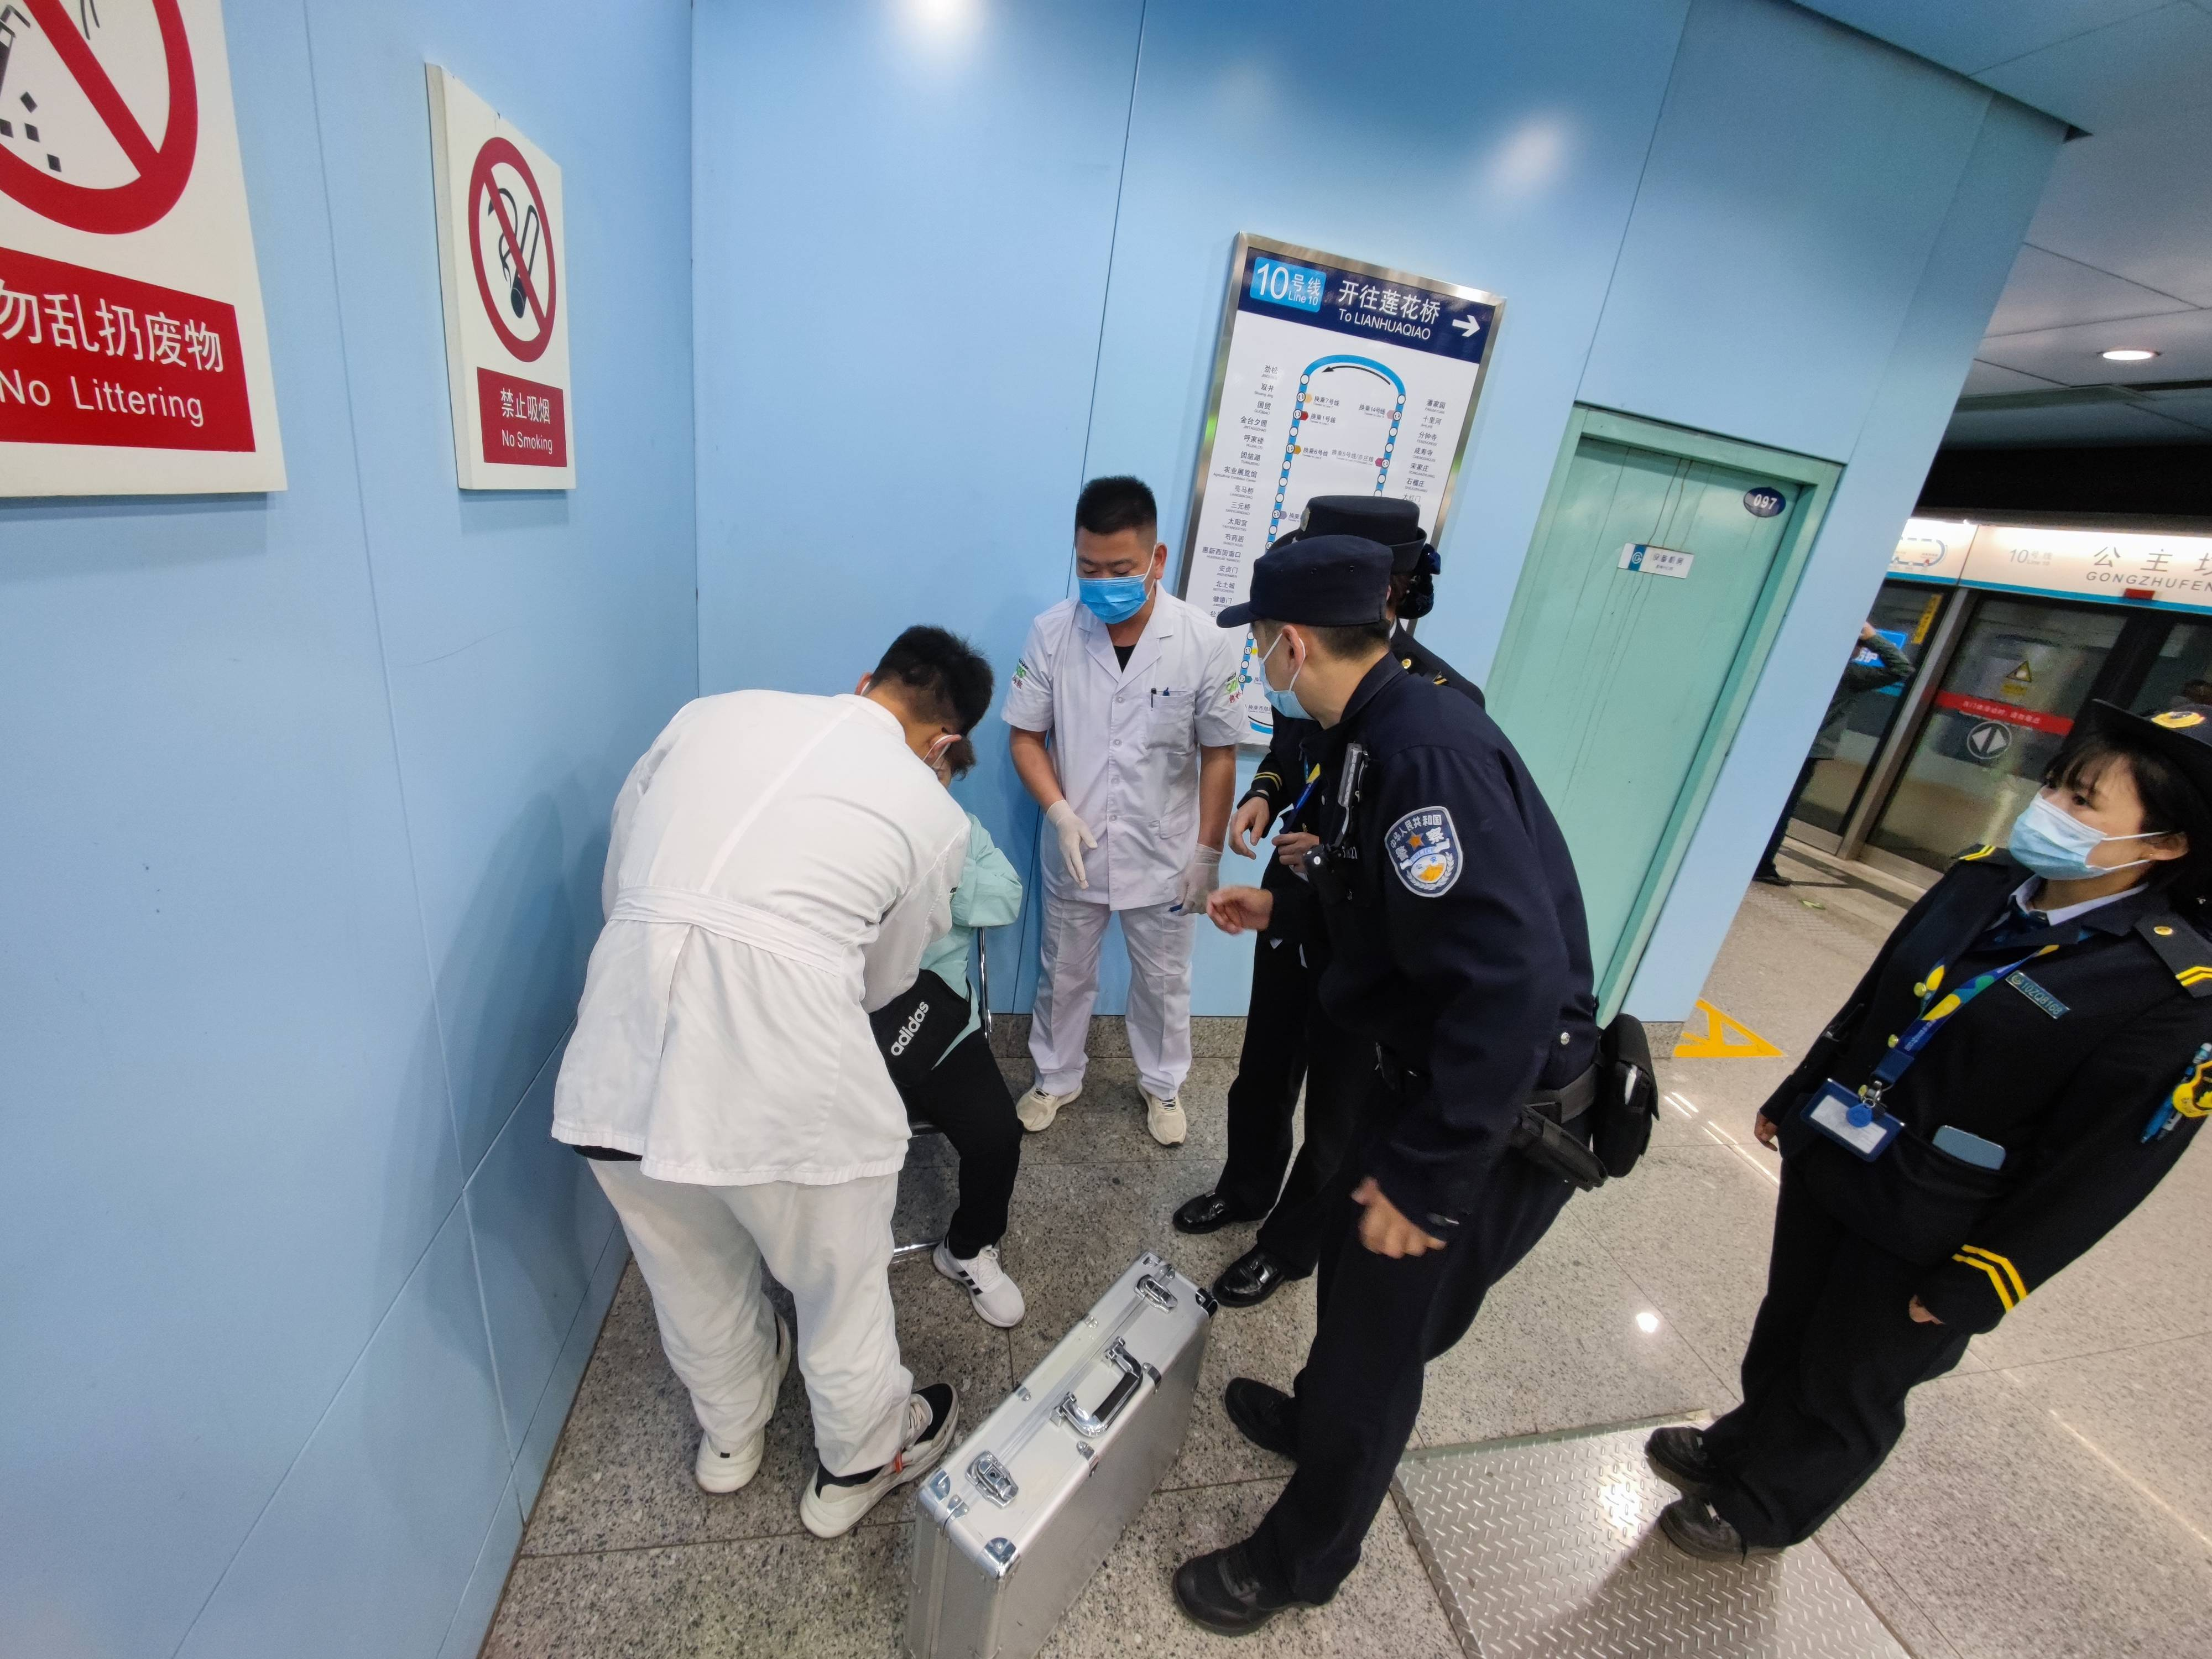 群众求助无小事 为民服务解民忧 北京公交警方热心服务群众二三事